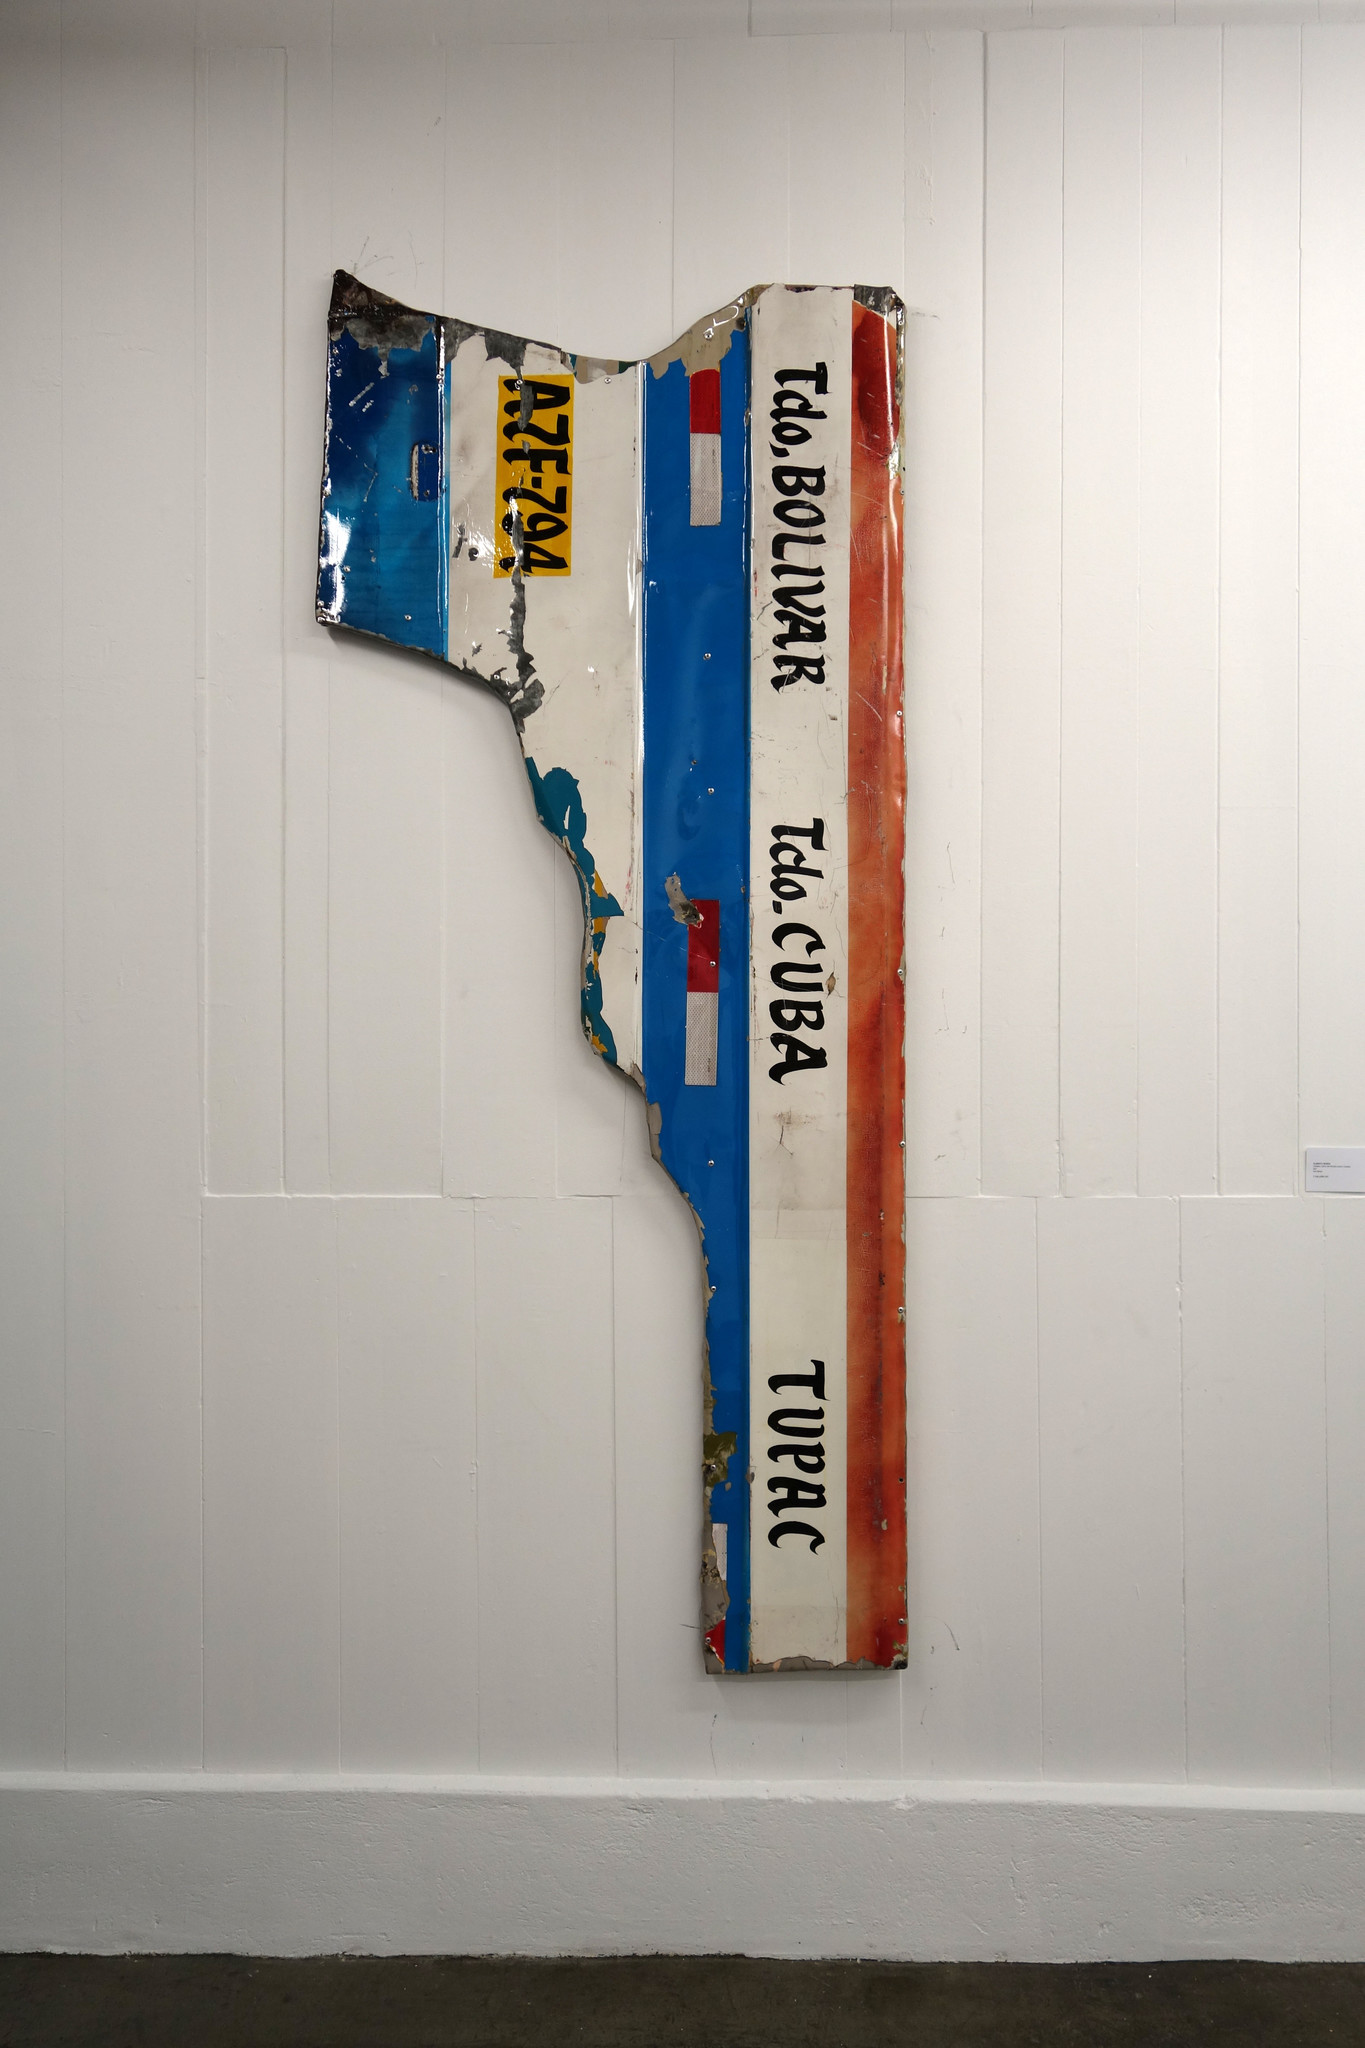 """Peruvian artist Alberto Borea's installation sculpture """"Combis: Tupac Metropolitano, Ciudad,"""" shown by Y Gallery."""